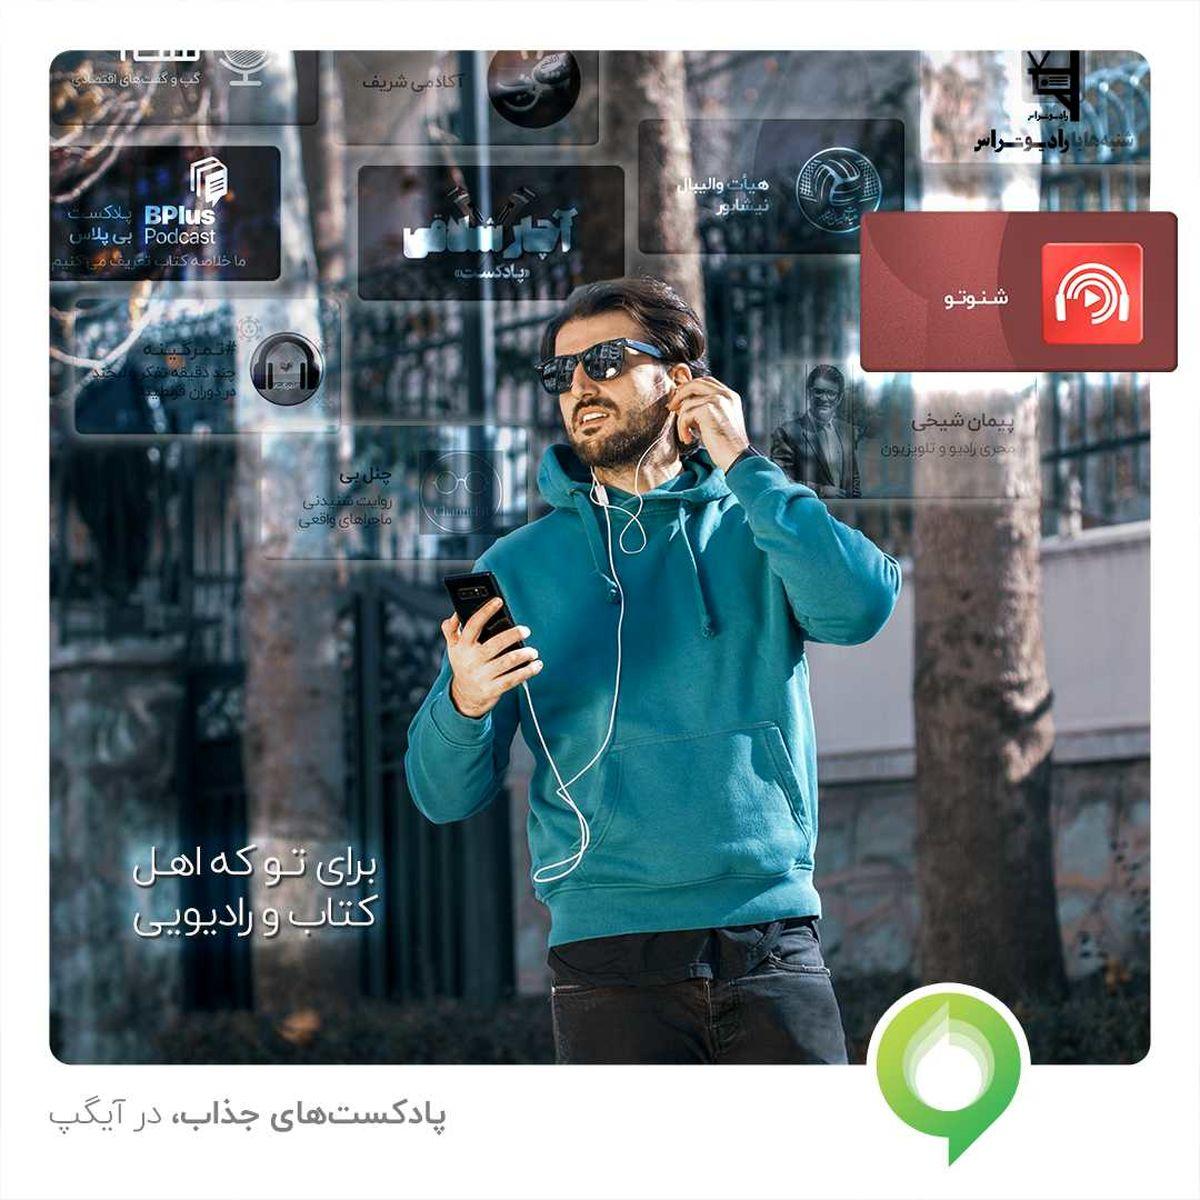 پادکست های ایرانی در آیگپ